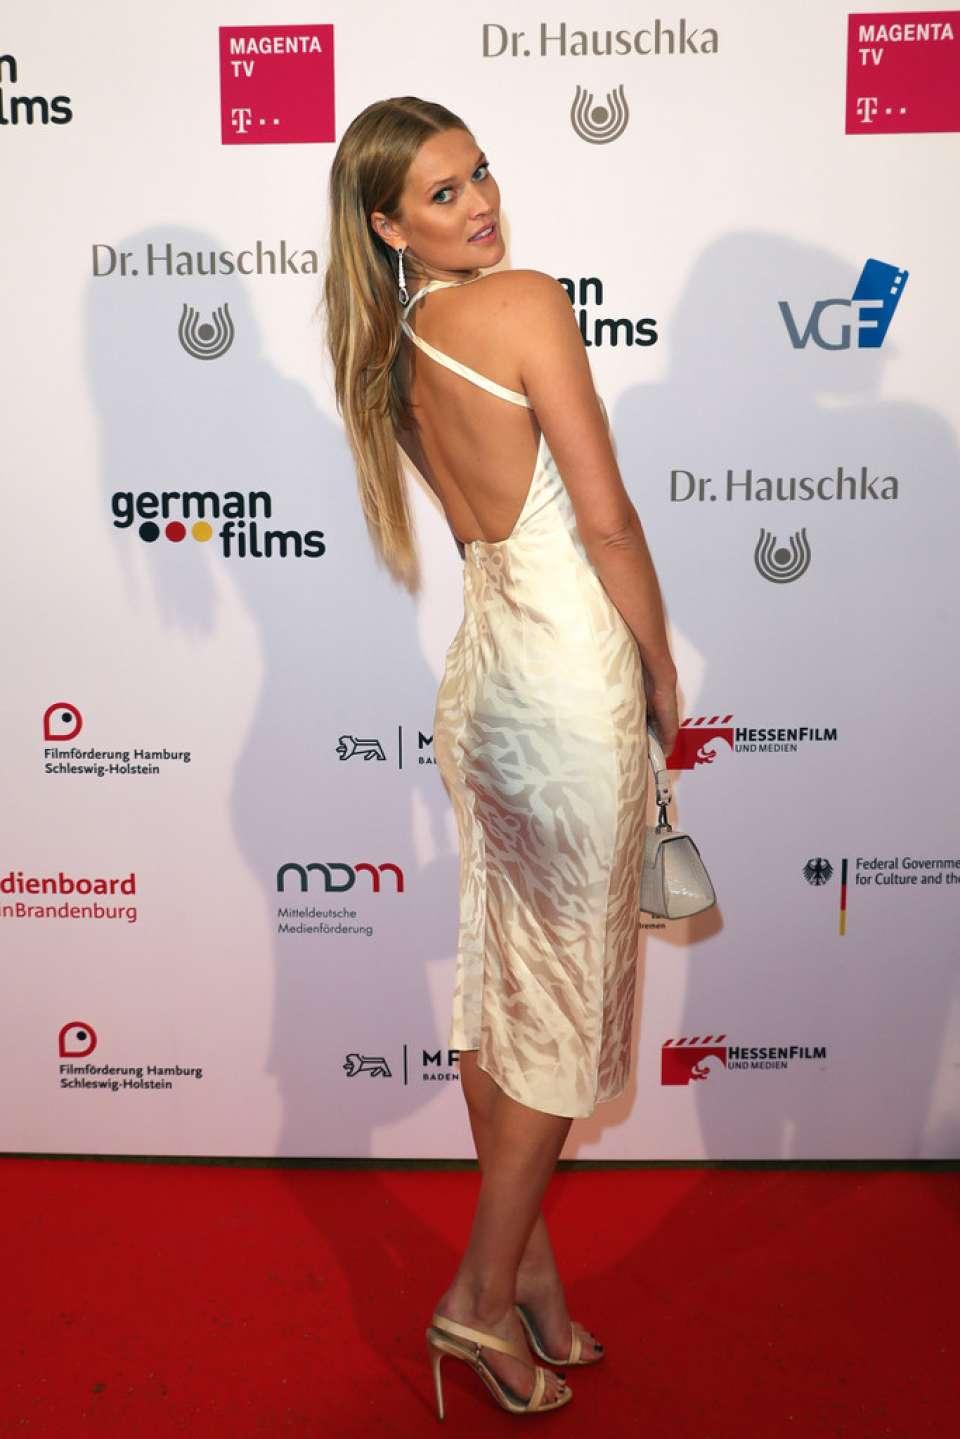 Toni Garrn 2019 : Toni Garrn: German Films x Dr Hauschka Cocktail-04